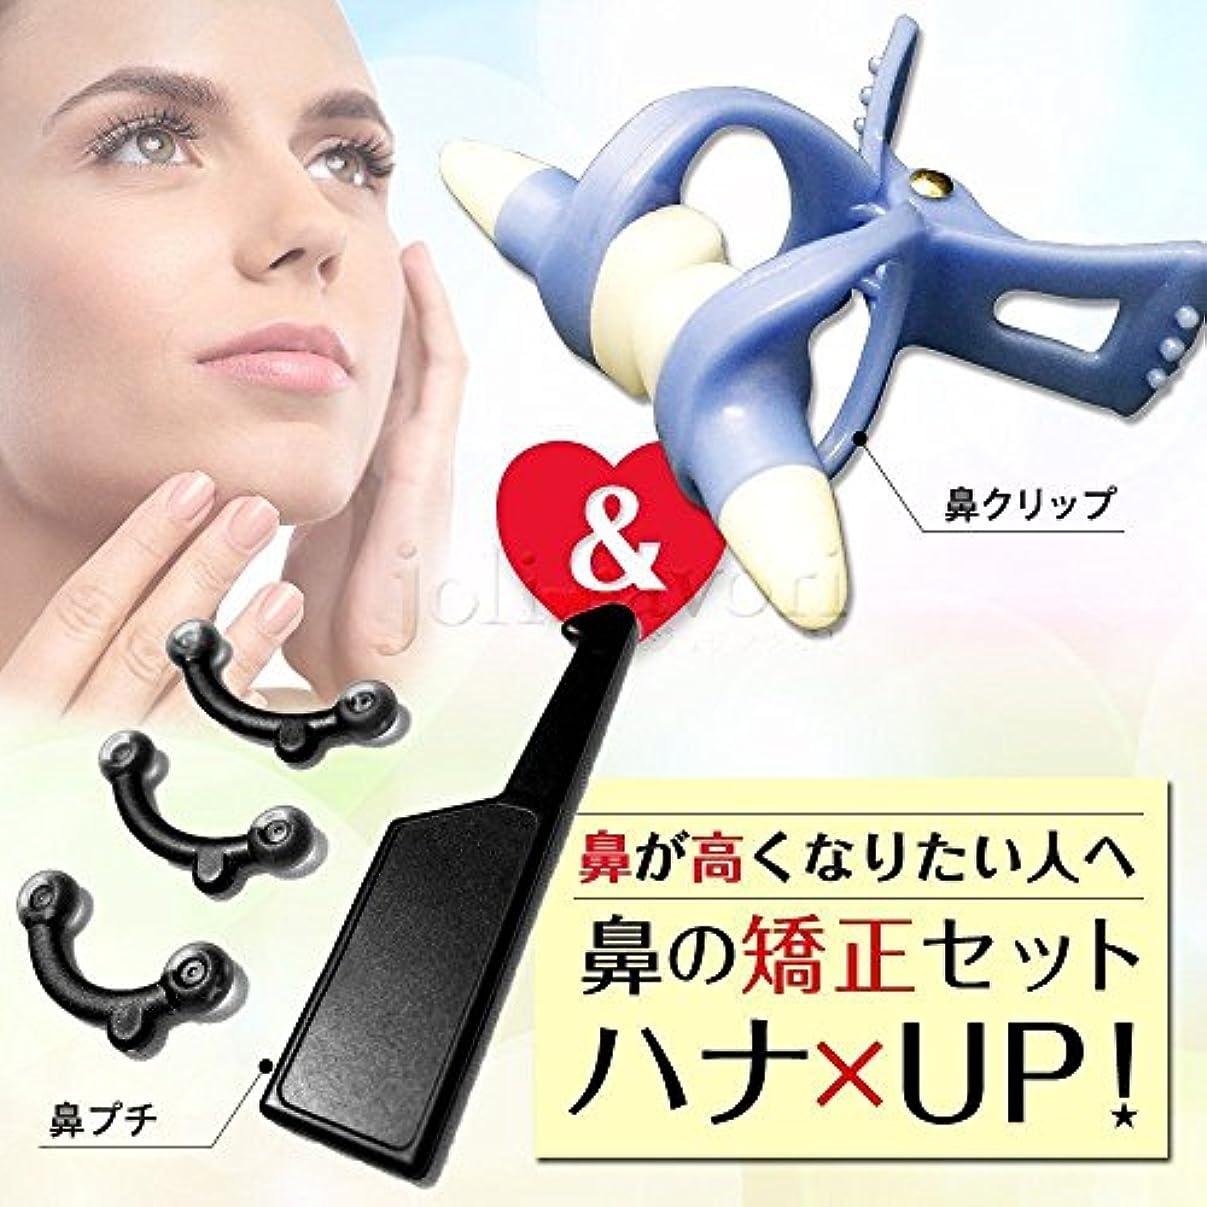 他の日ラックペフ【jolifavori】鼻プチ&ノーズアップ 着けるだけ簡単!鼻メイク矯正セット